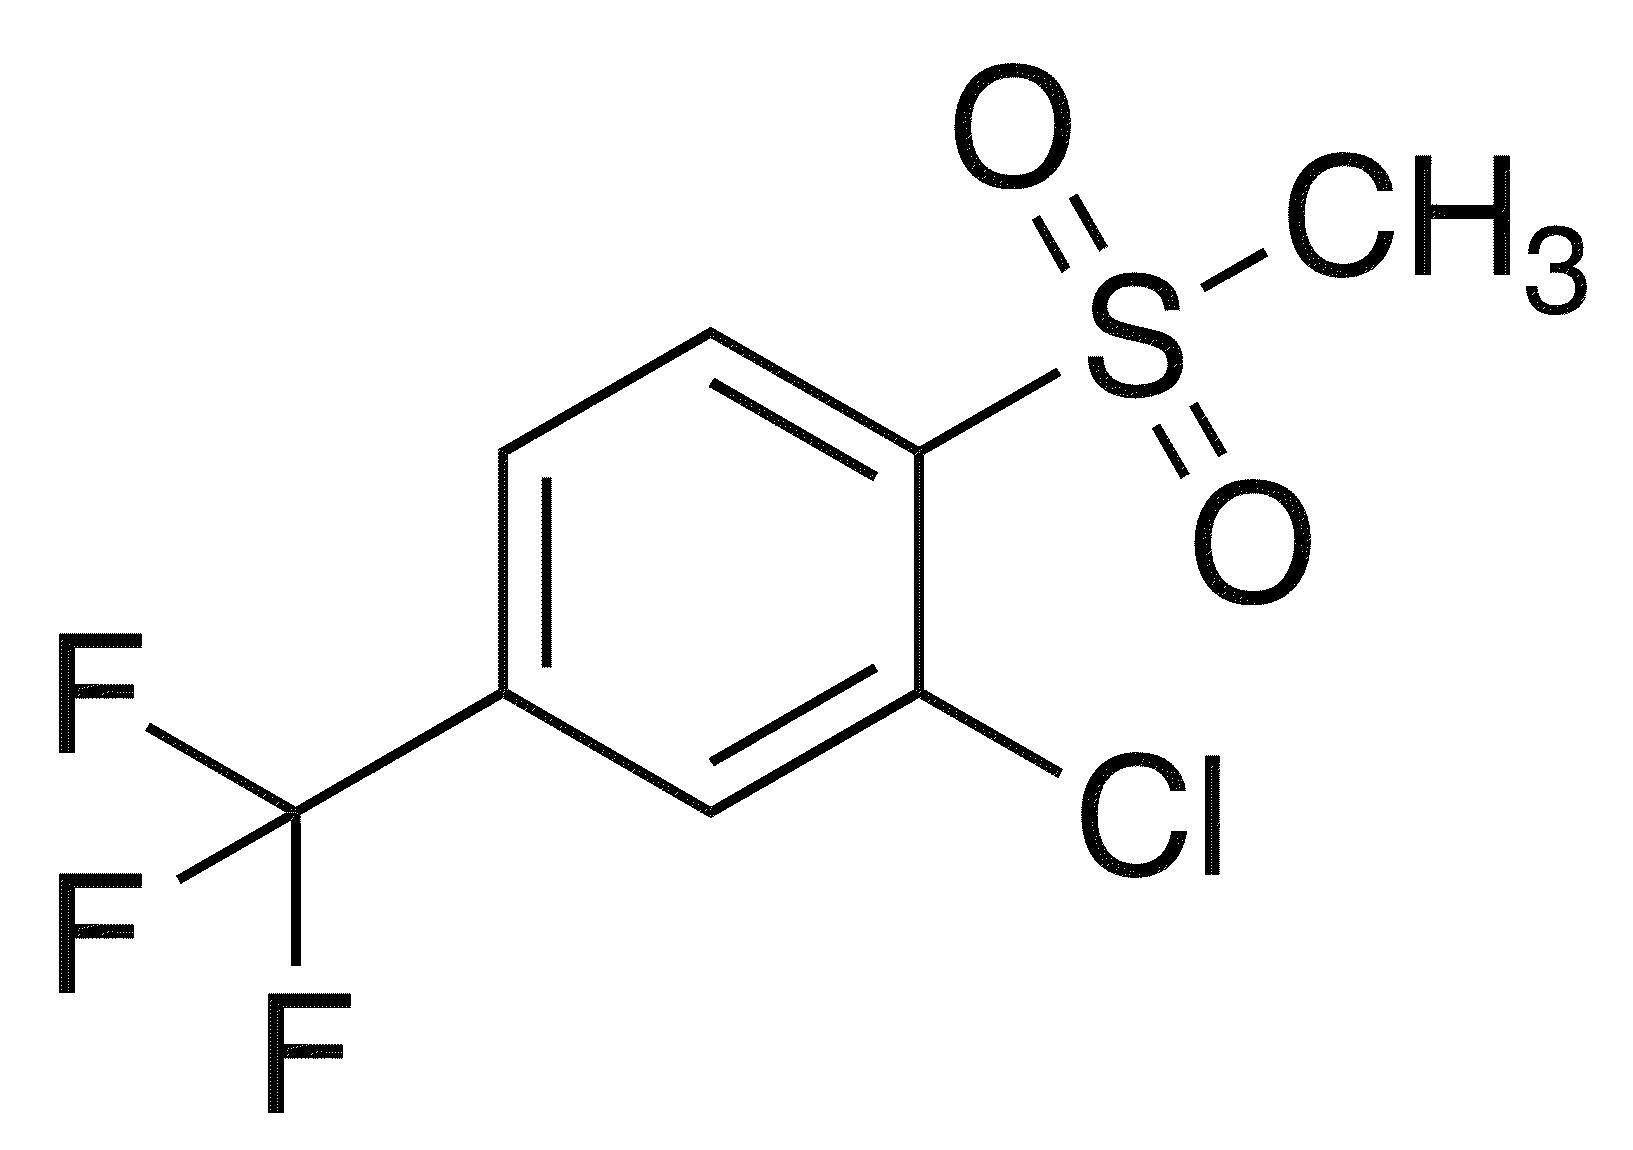 2-Chloro-1-methanesulfonyl-4-(trifluoromethyl)benzene